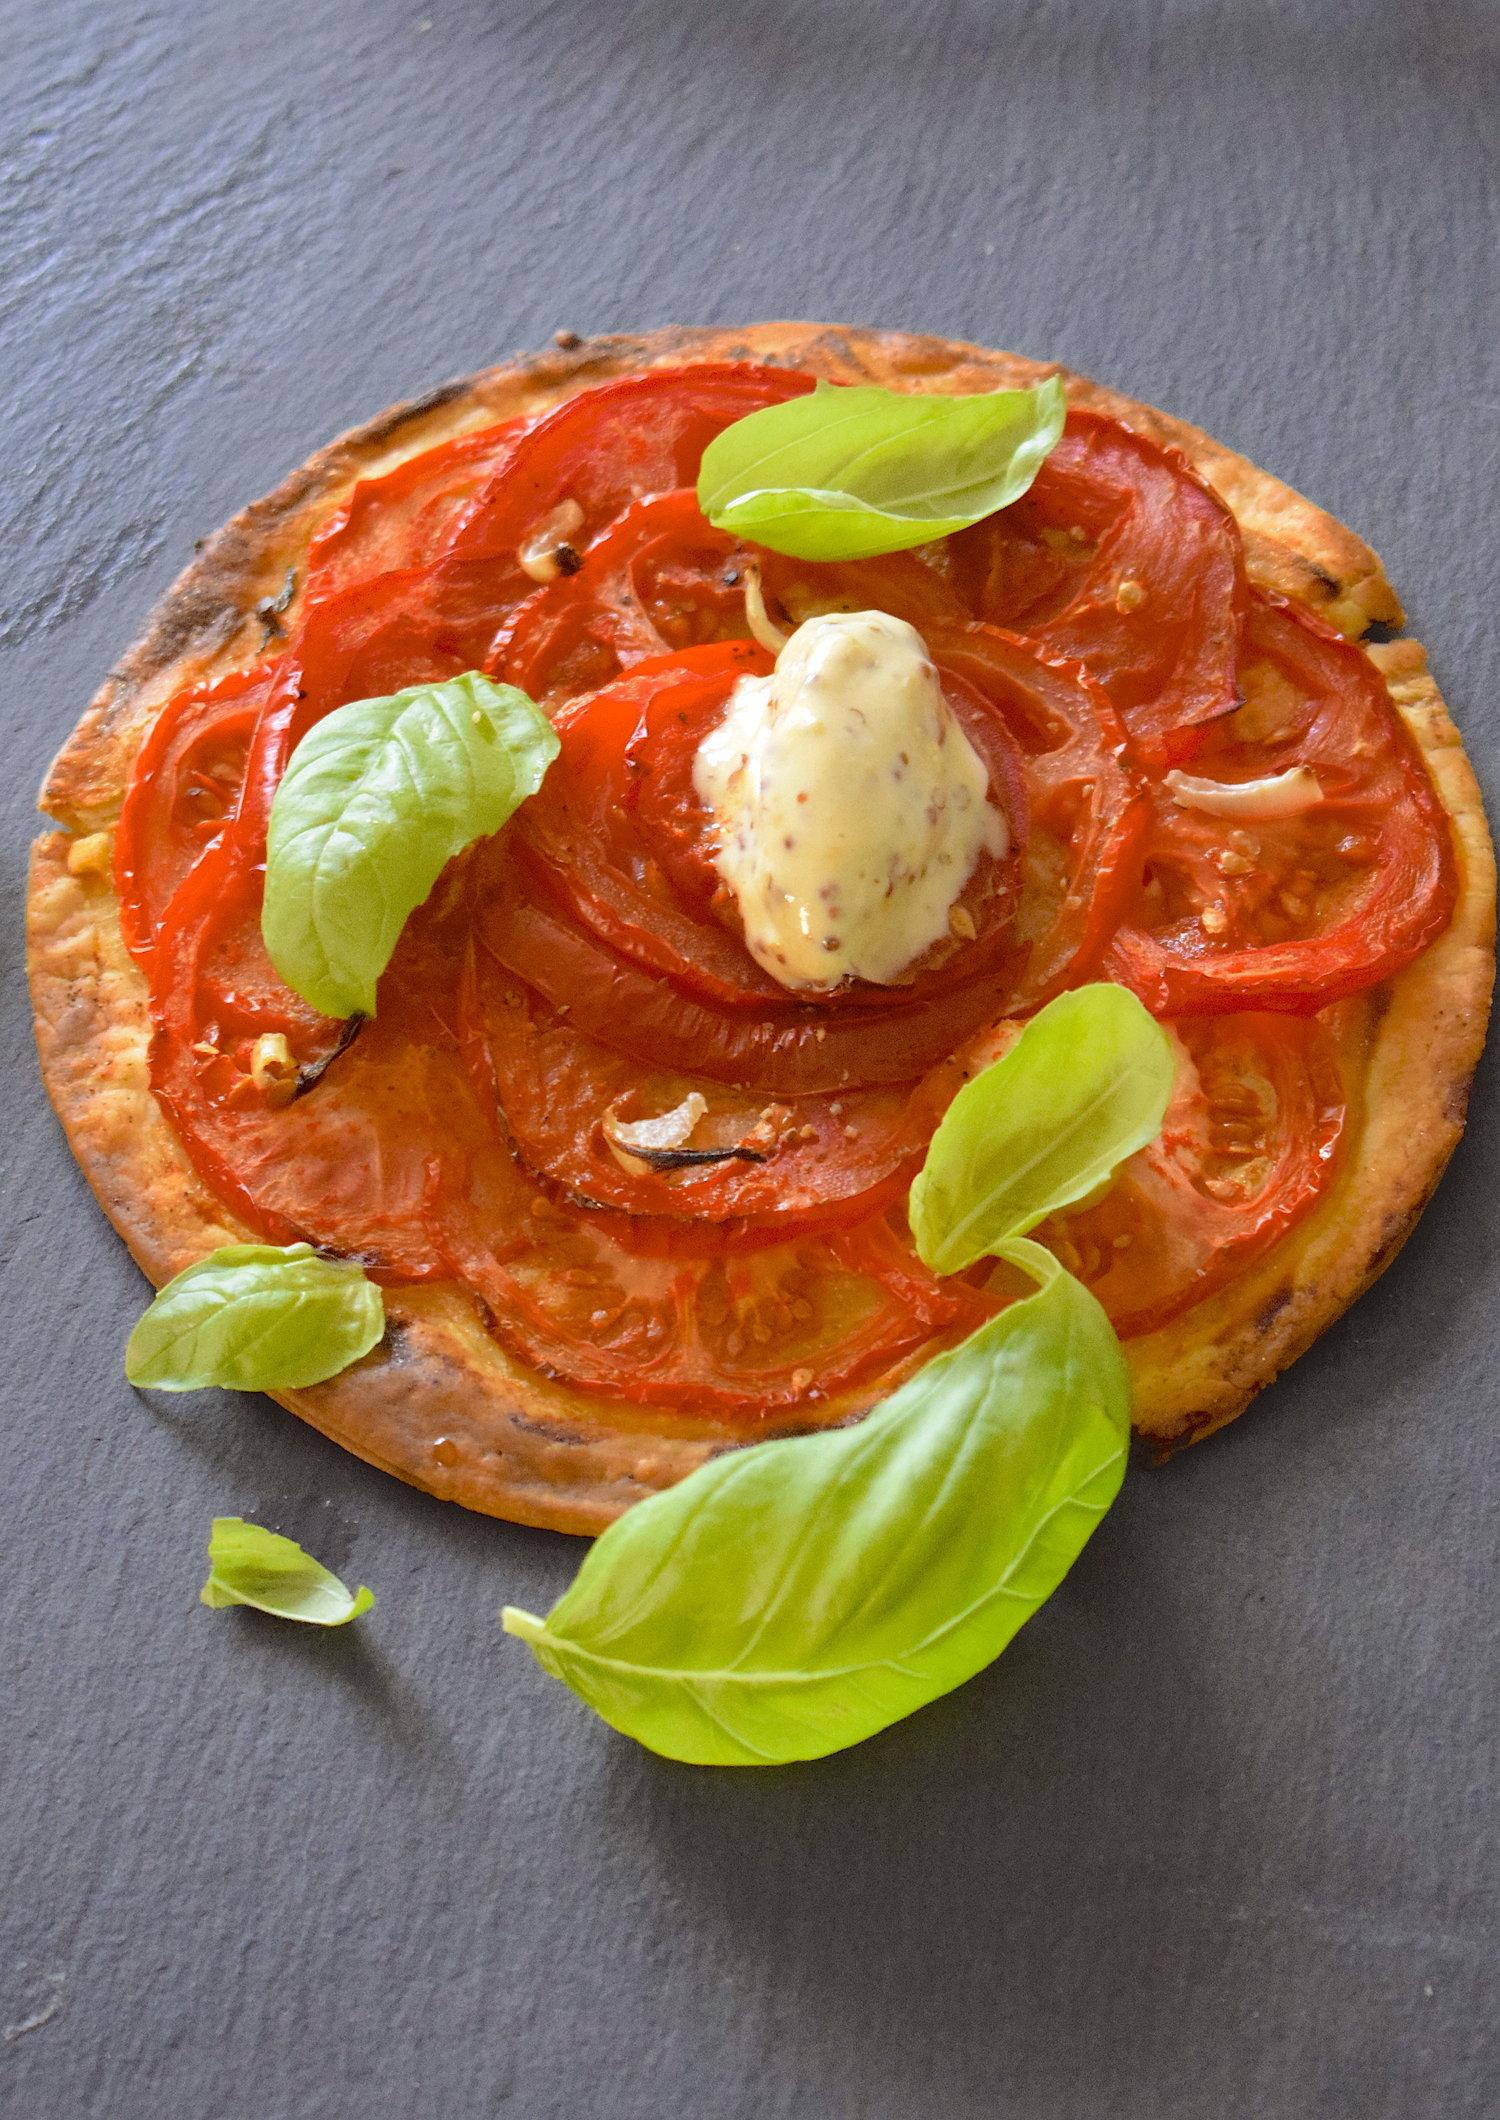 La recette est ici :  http://www.cyrilrouquet.com/recettes/2017/7/12/tarte-la-tomate-glace-la-moutarde-lci